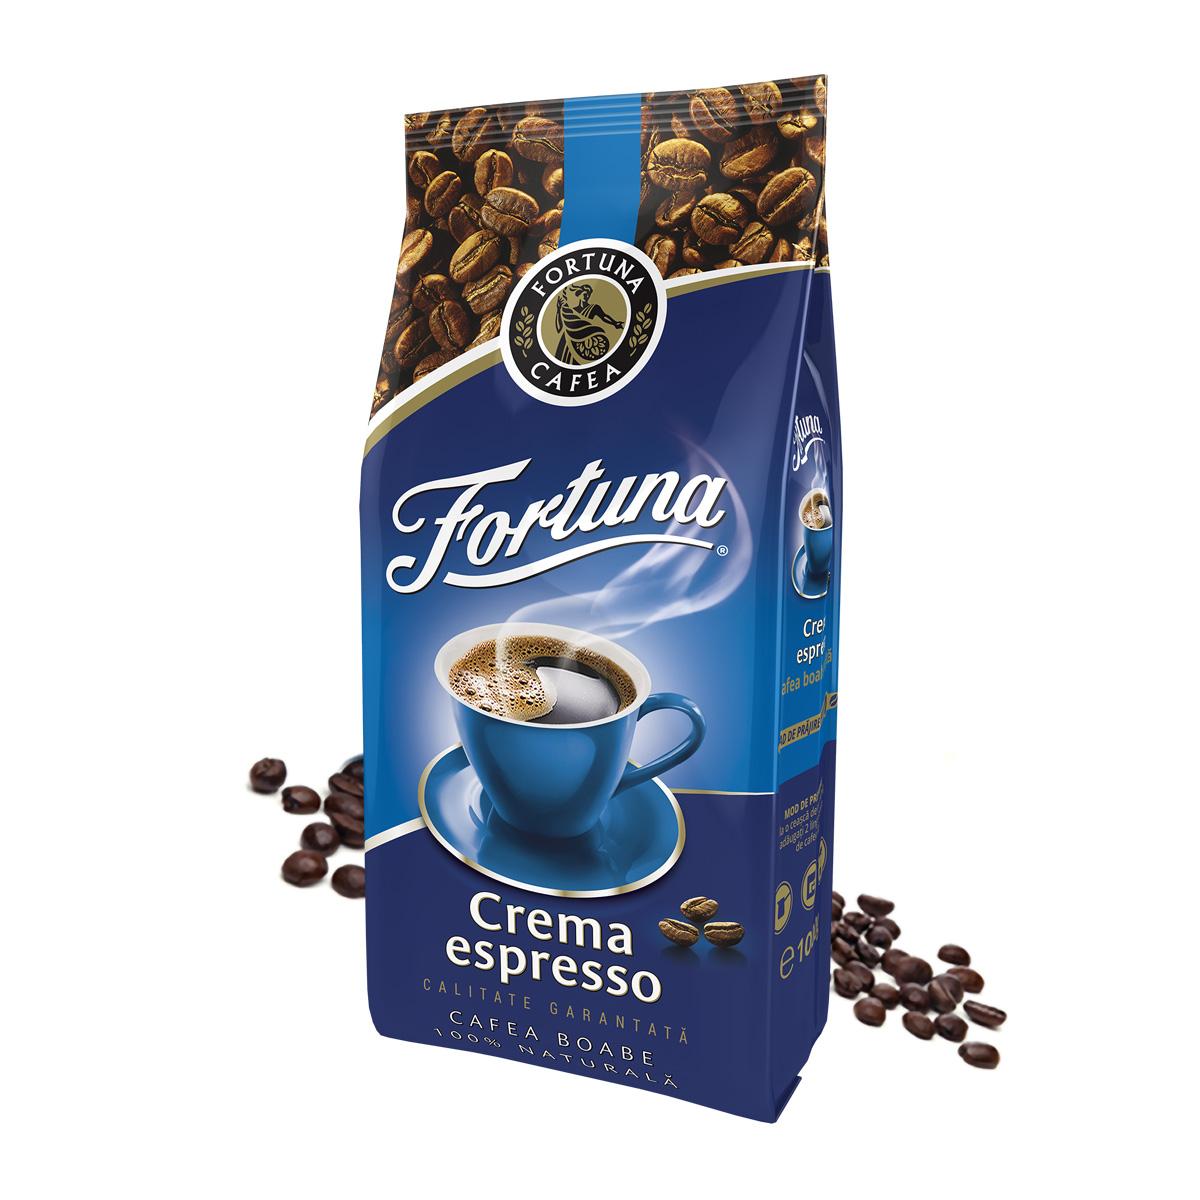 Fortuna Crema Espresso albastra cafea boabe 1kg